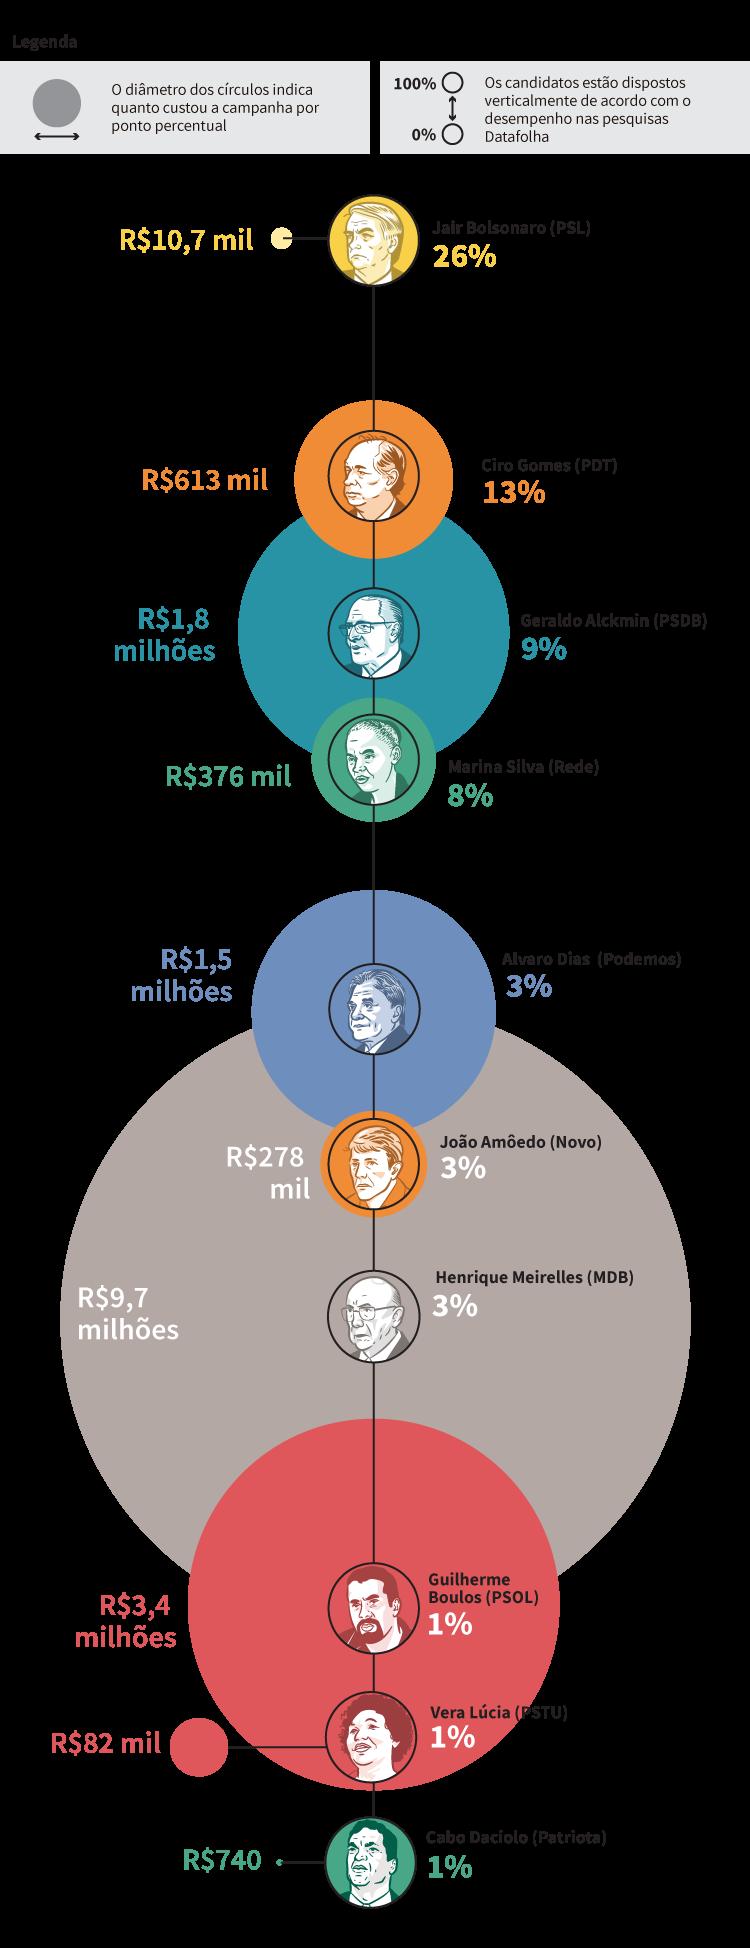 Infográfico: Quanto custou cada ponto percentual dos candidatos a presidente a partir do cruzamento dos gastos declarados no TSE com as intenções de voto na pesquisa Datafolha de 13 a 14/set/2018 | Eleições 2018.